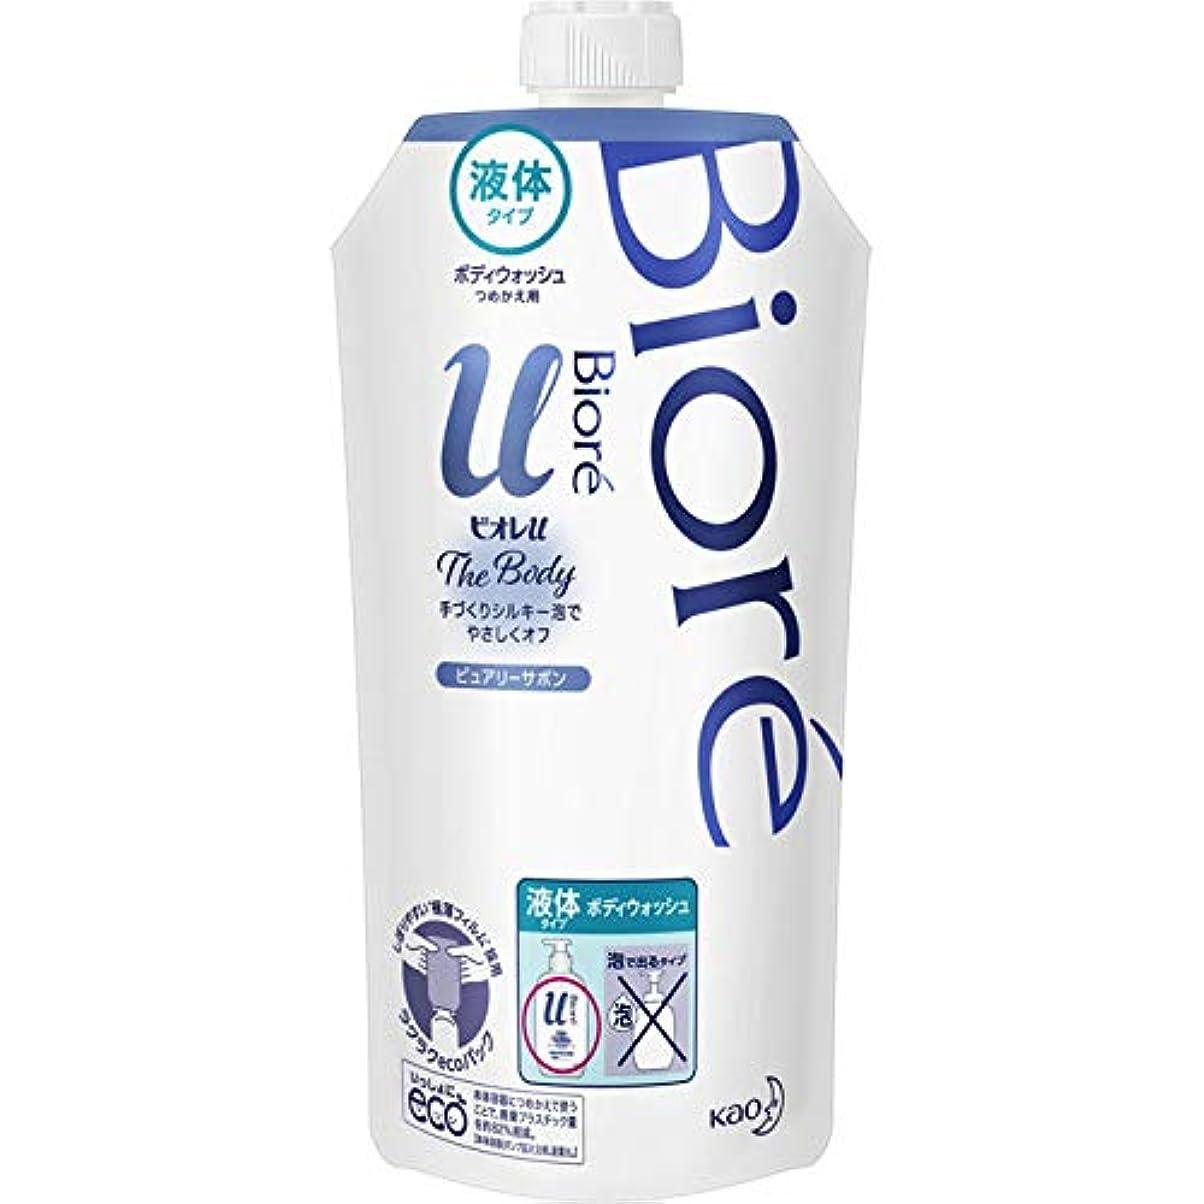 新年概してスライス花王 ビオレu ザ ボディ液体ピュアリーサボンの香り 詰替え用 340ml